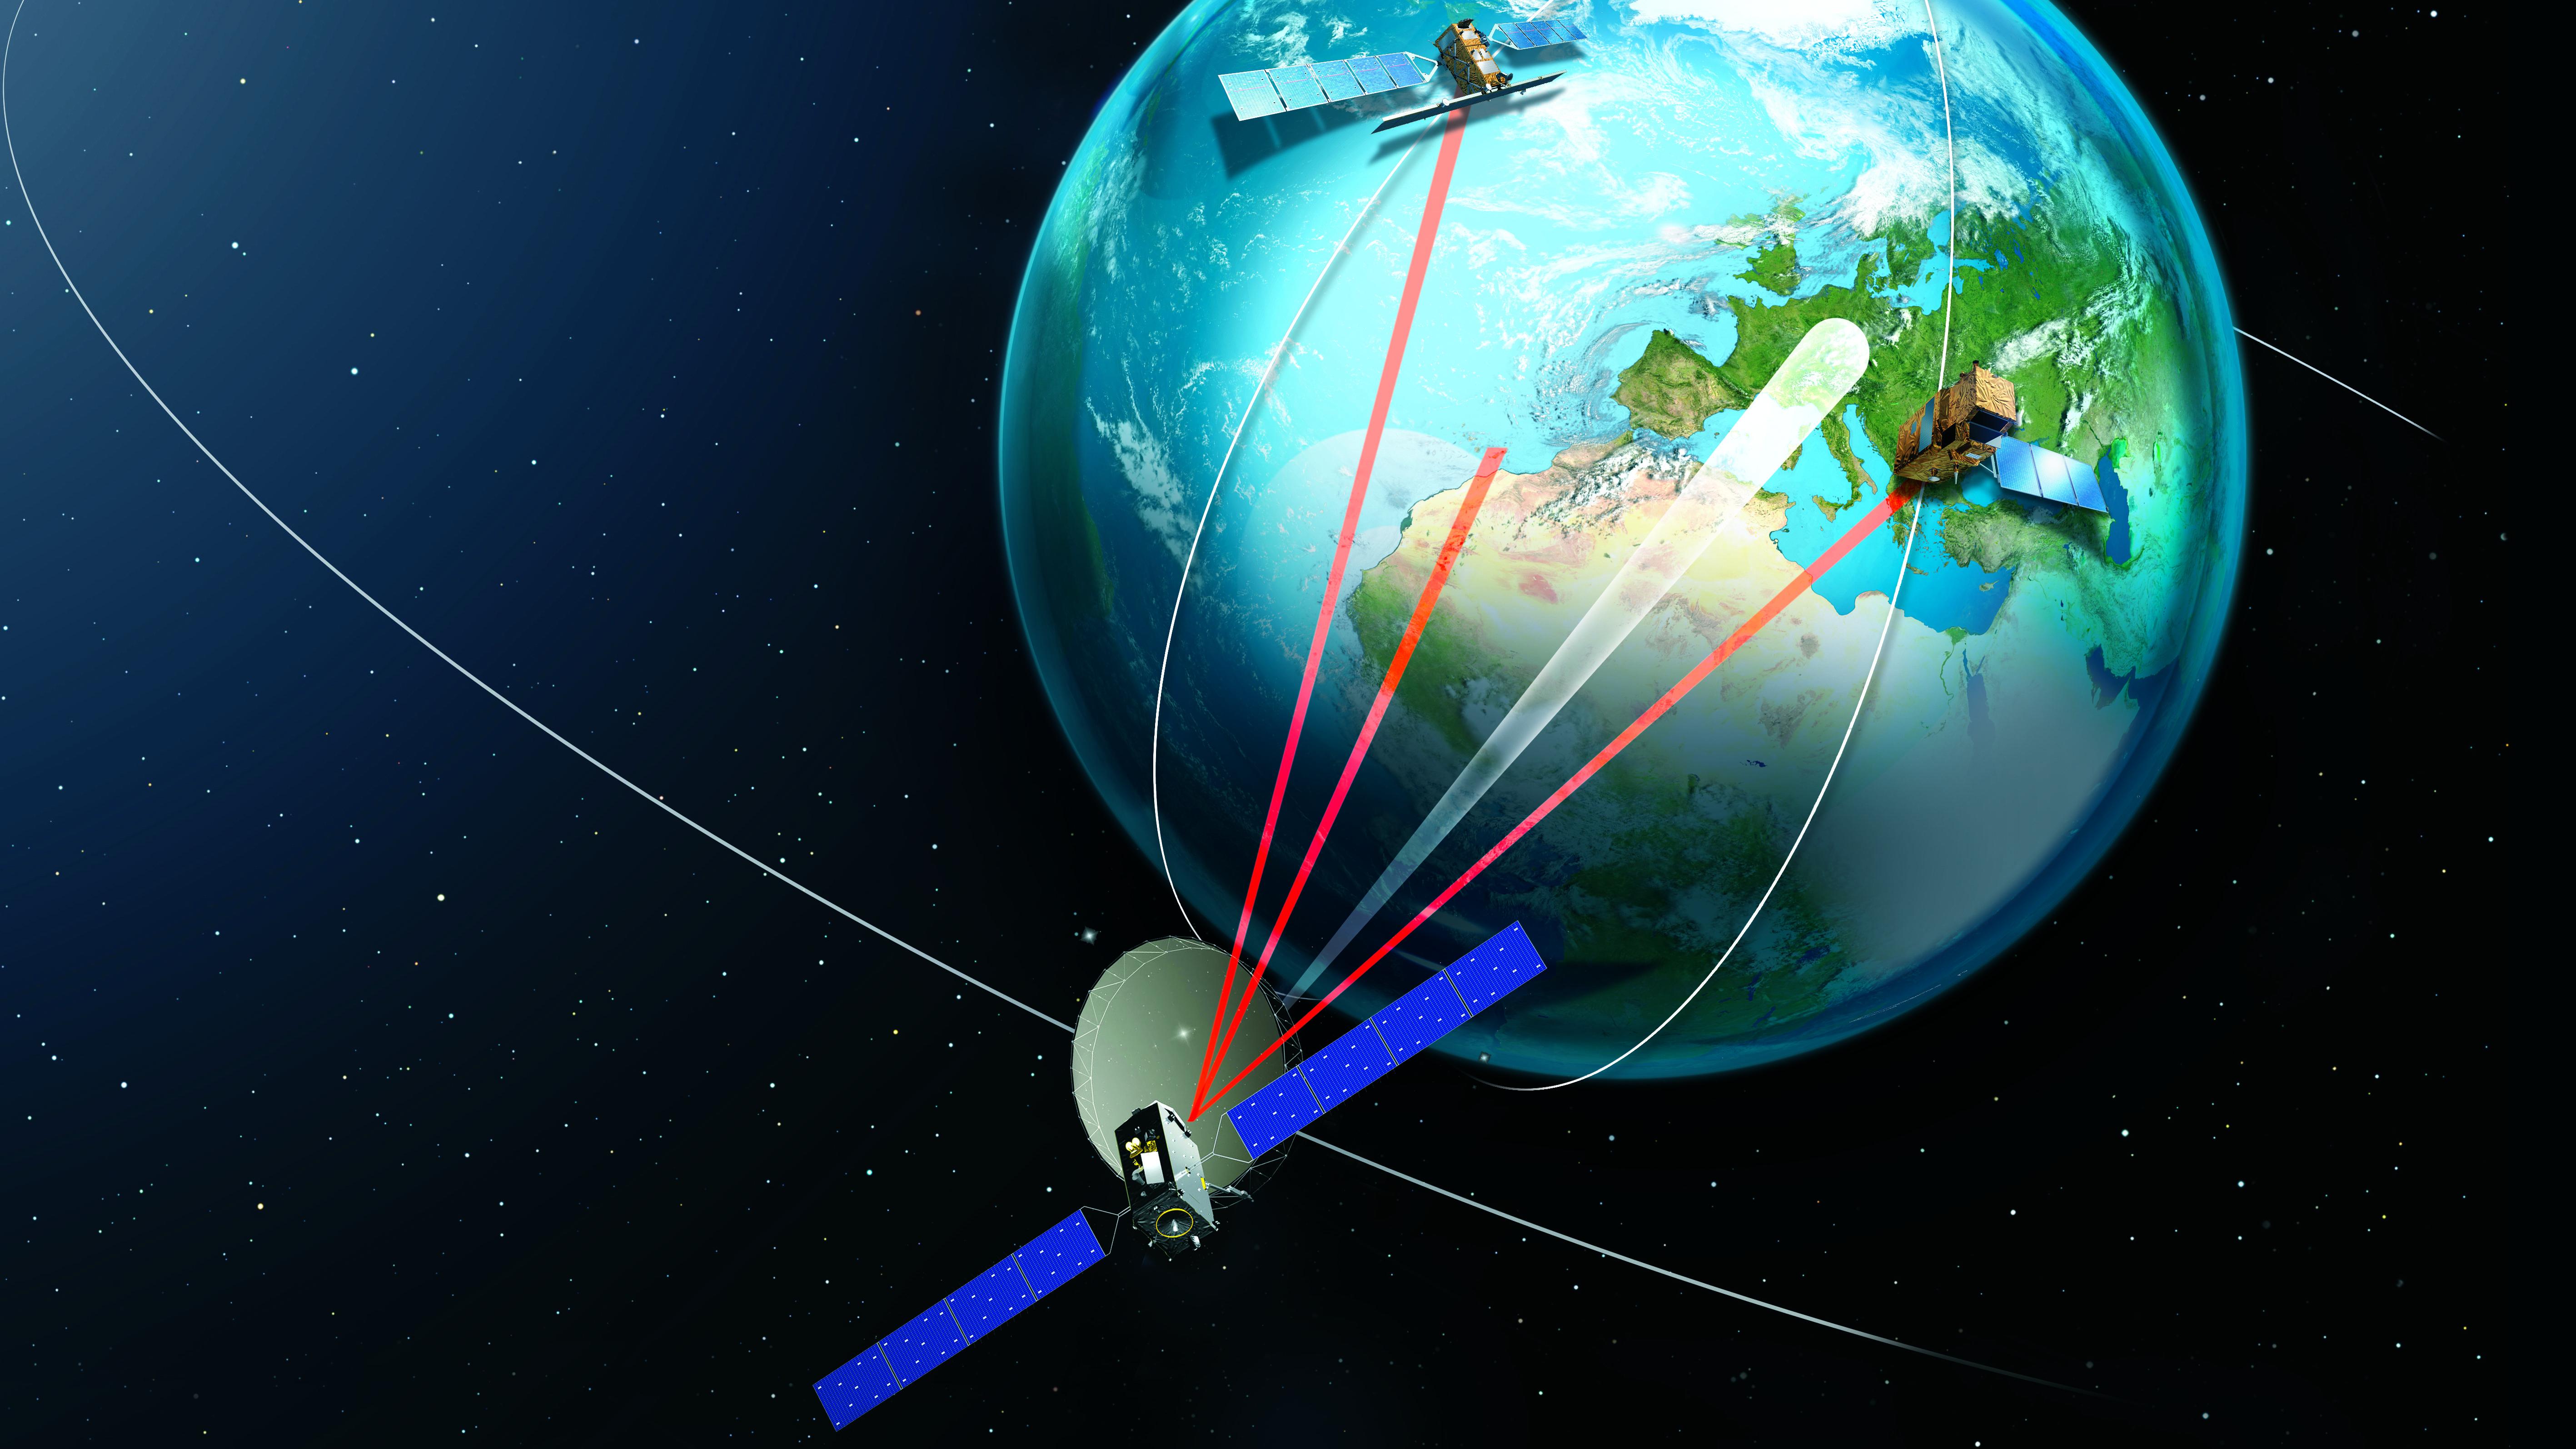 EDRS ist ein ESA-Programm für ein unabhängiges europäisches Satellitensystem. Es soll die Zeitverzögerungen bei der Übertragung großer Datenmengen deutlich reduzieren.